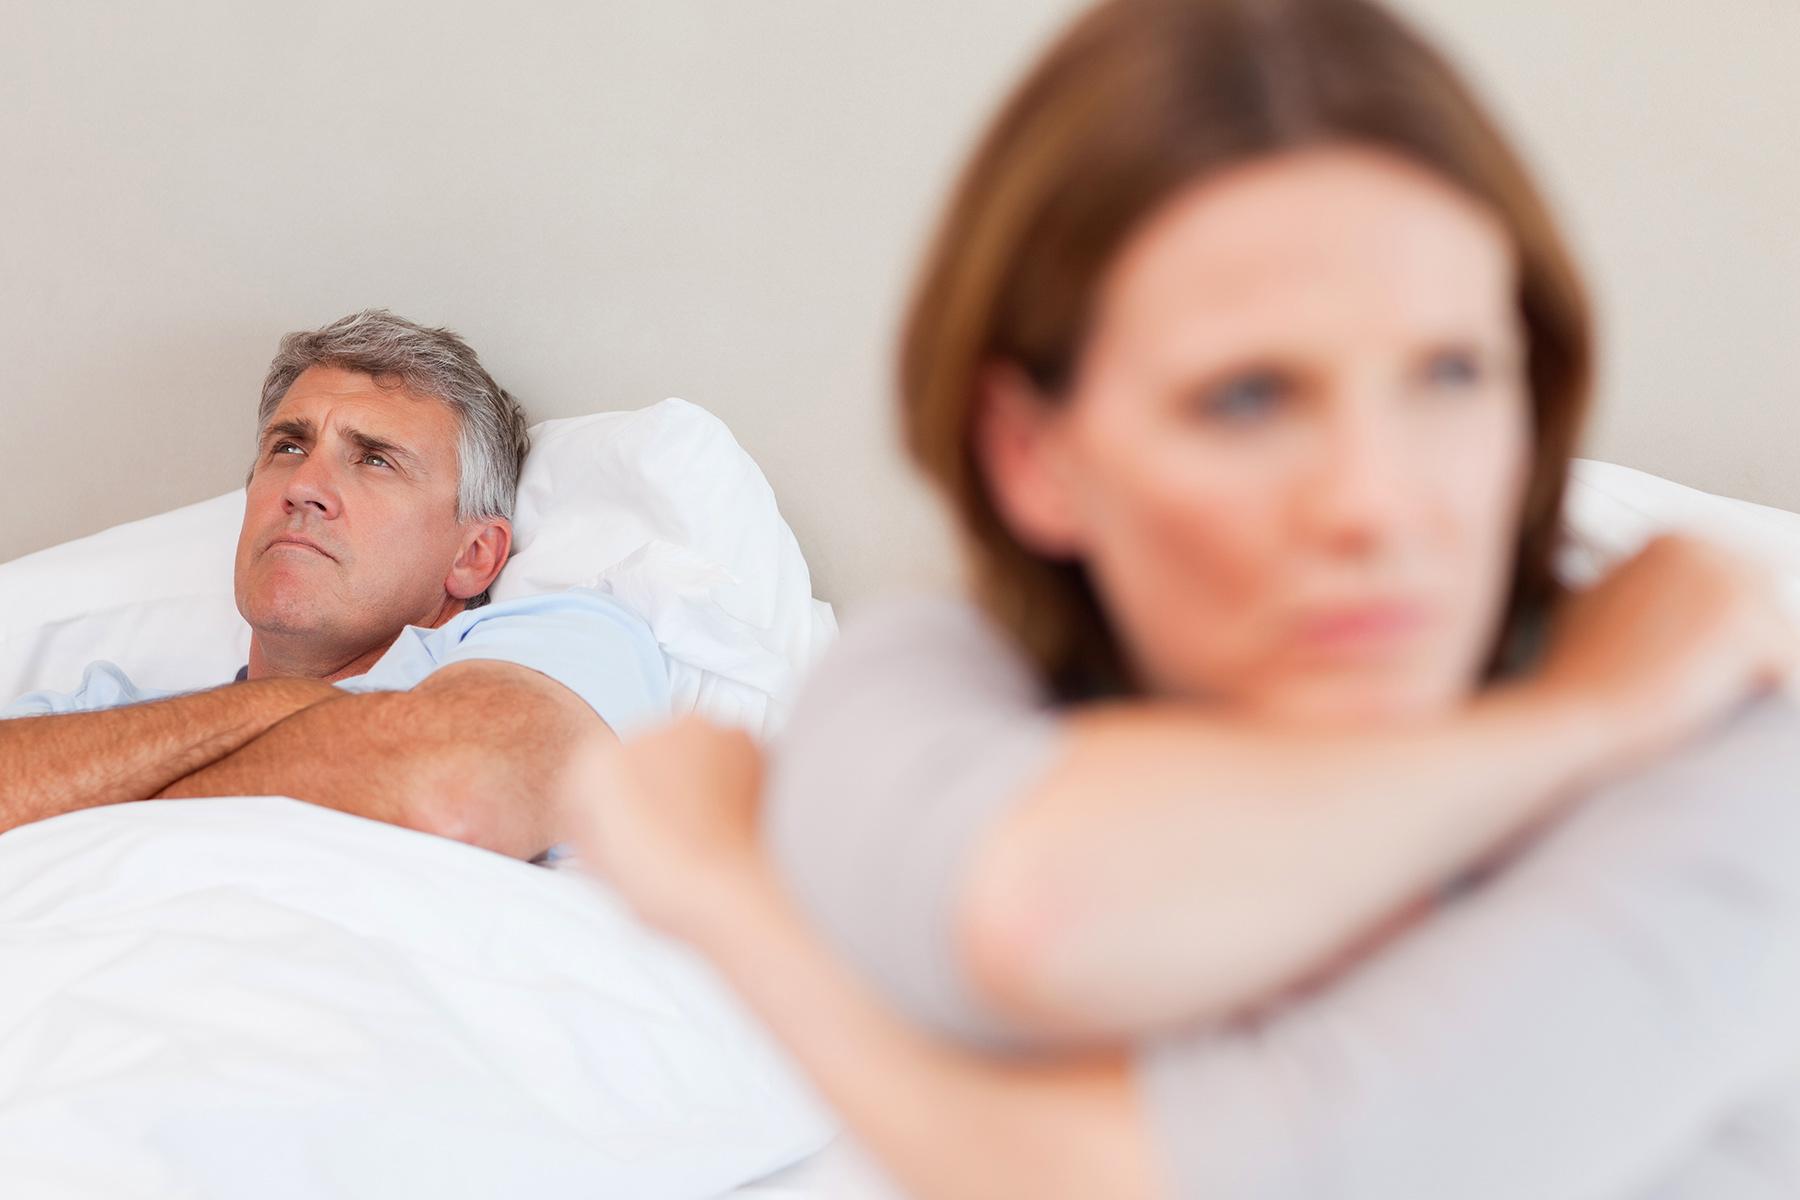 सेक्स की लत से होने वाली 31 सुनिश्चित हानियाँ व नुकसान, 31 Harmfull Side Effect Of Sex In Hindi, nayichetana.com, sex karne ke nuksan, sex kya hota hai,porn